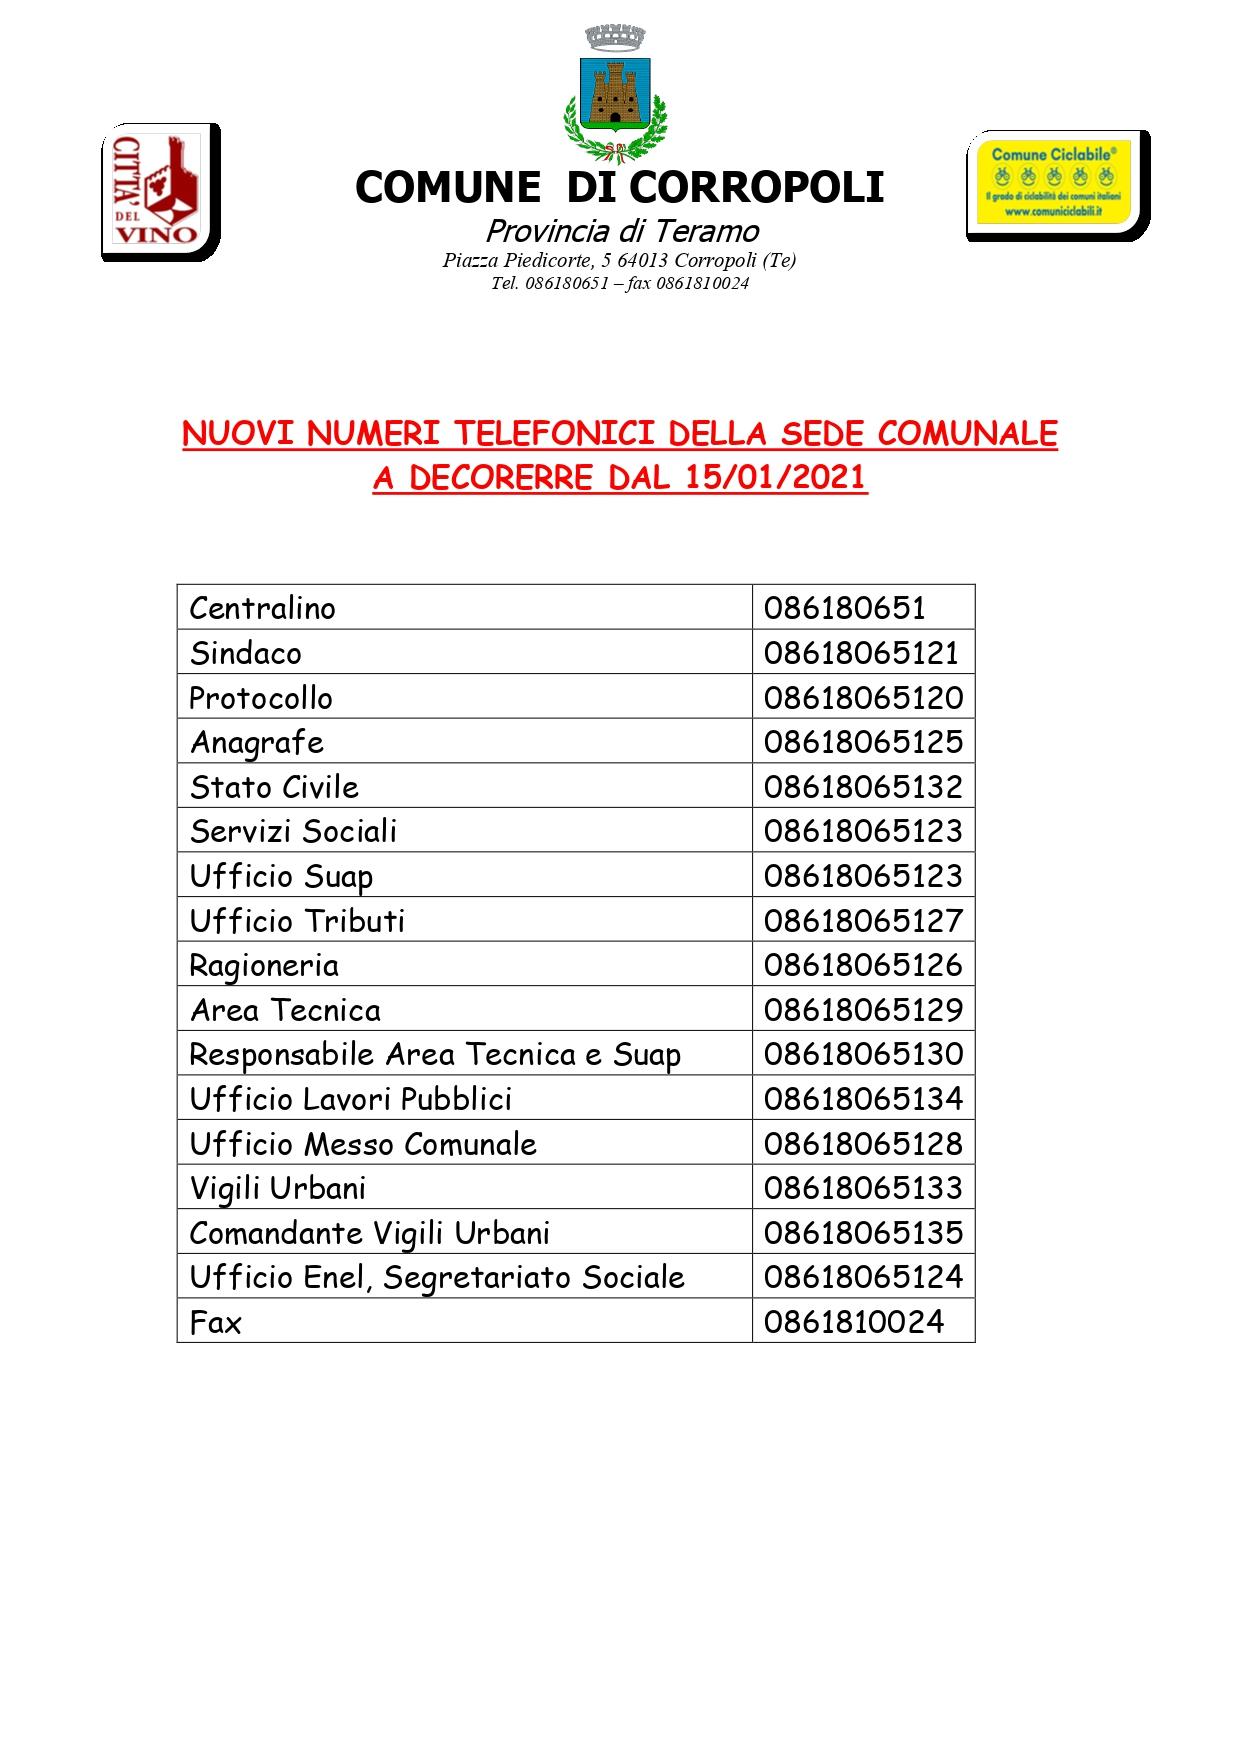 NUOVA NUMERAZIONE TELEFONICA DELLA SEDE COMUNALE A DECORERRE DAL 15/01/2021